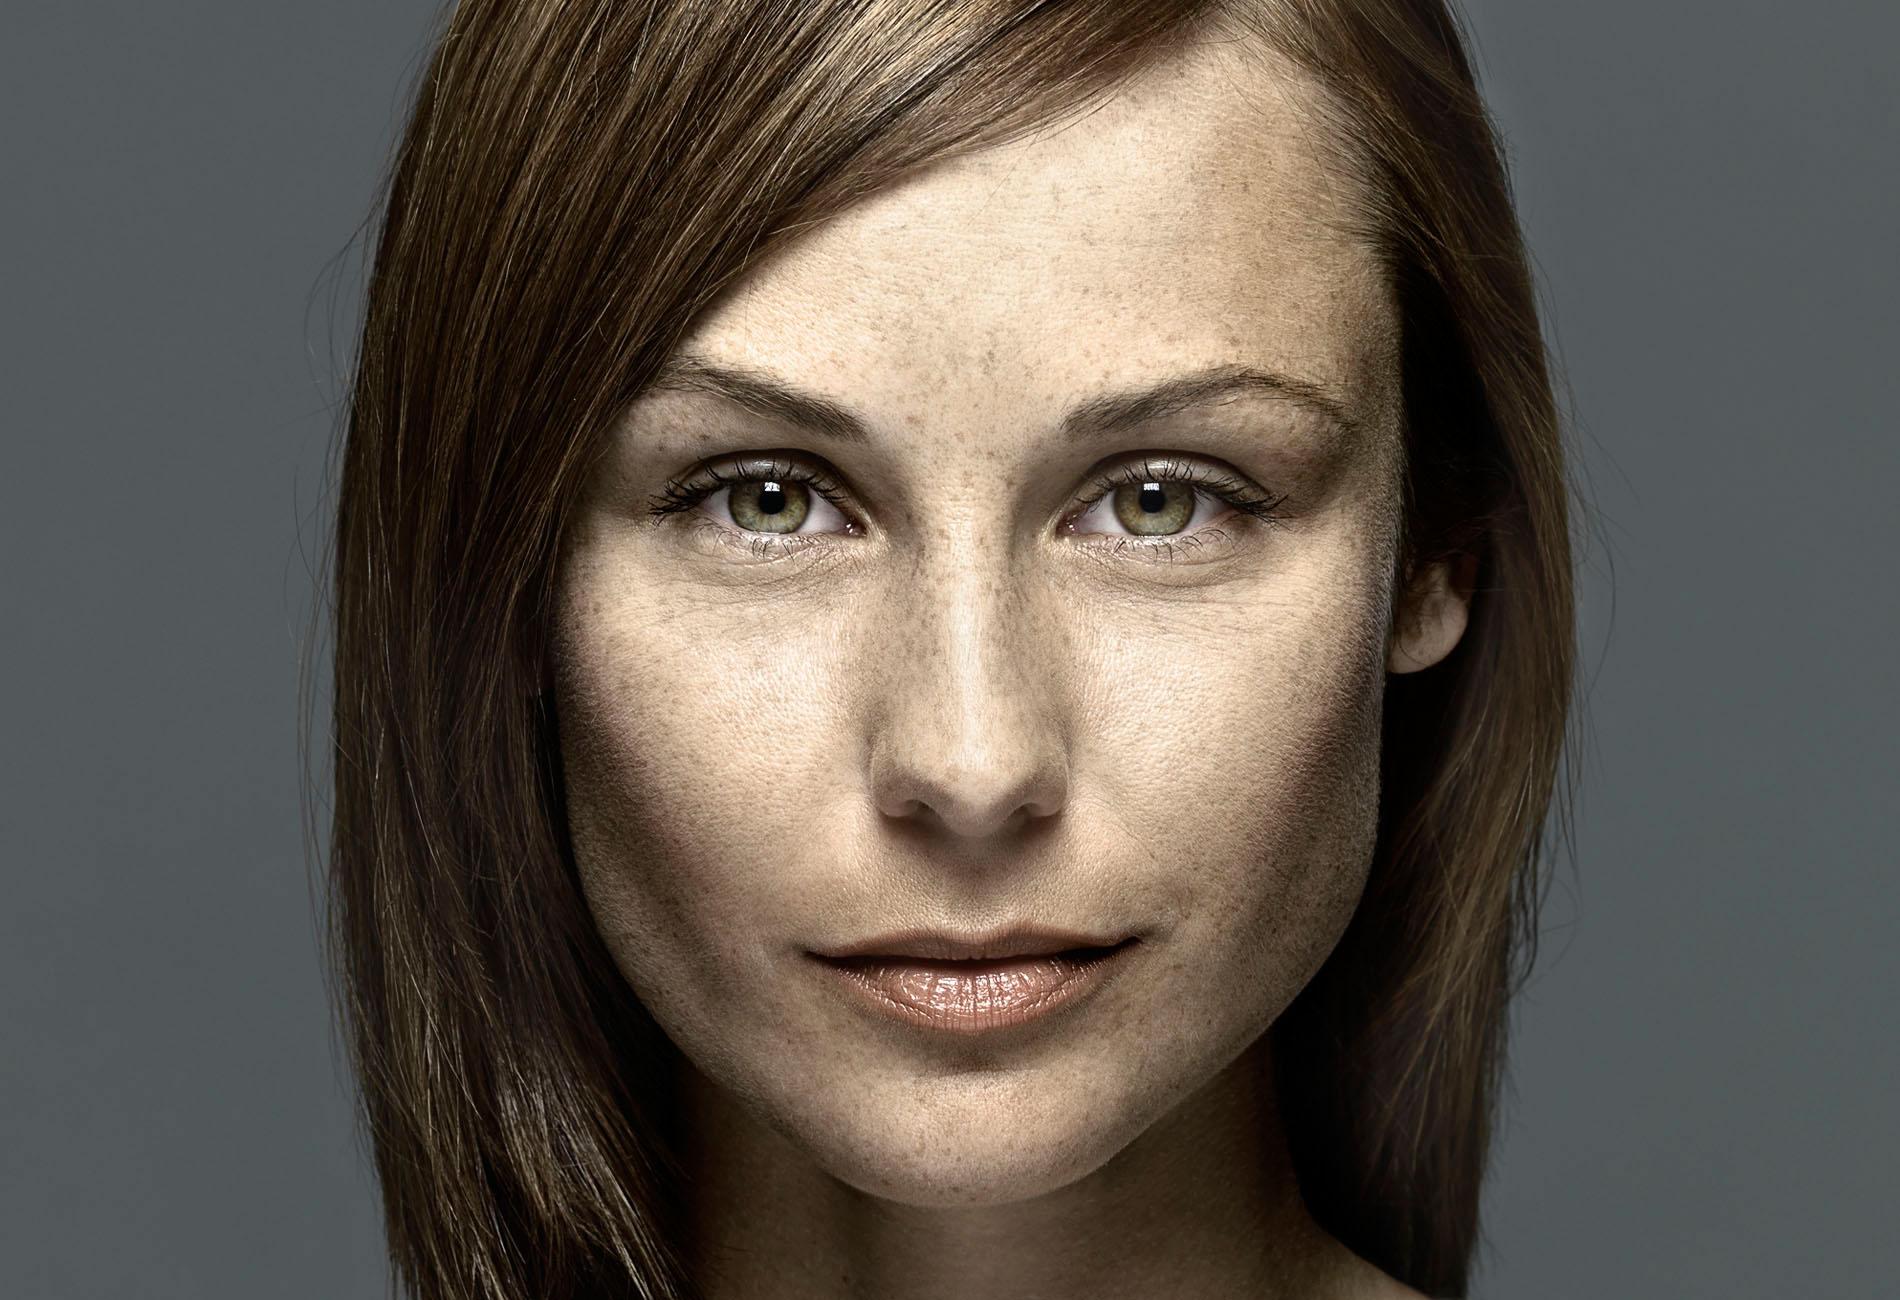 Portraitretusche ist ein Retusche Projekt der Schalterhalle Postproduktion und Tobias Winkler - Bildbearbeitung München.